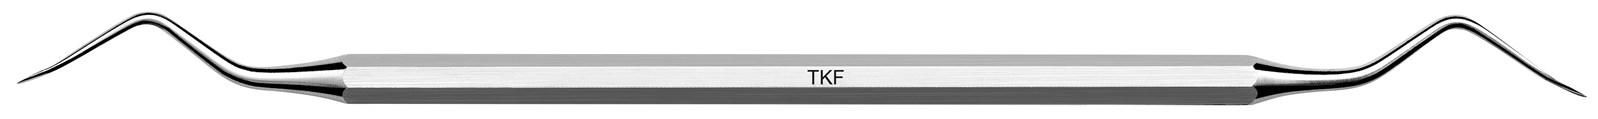 Nůž pro tunelovou techniku - TKF, Bez návleku